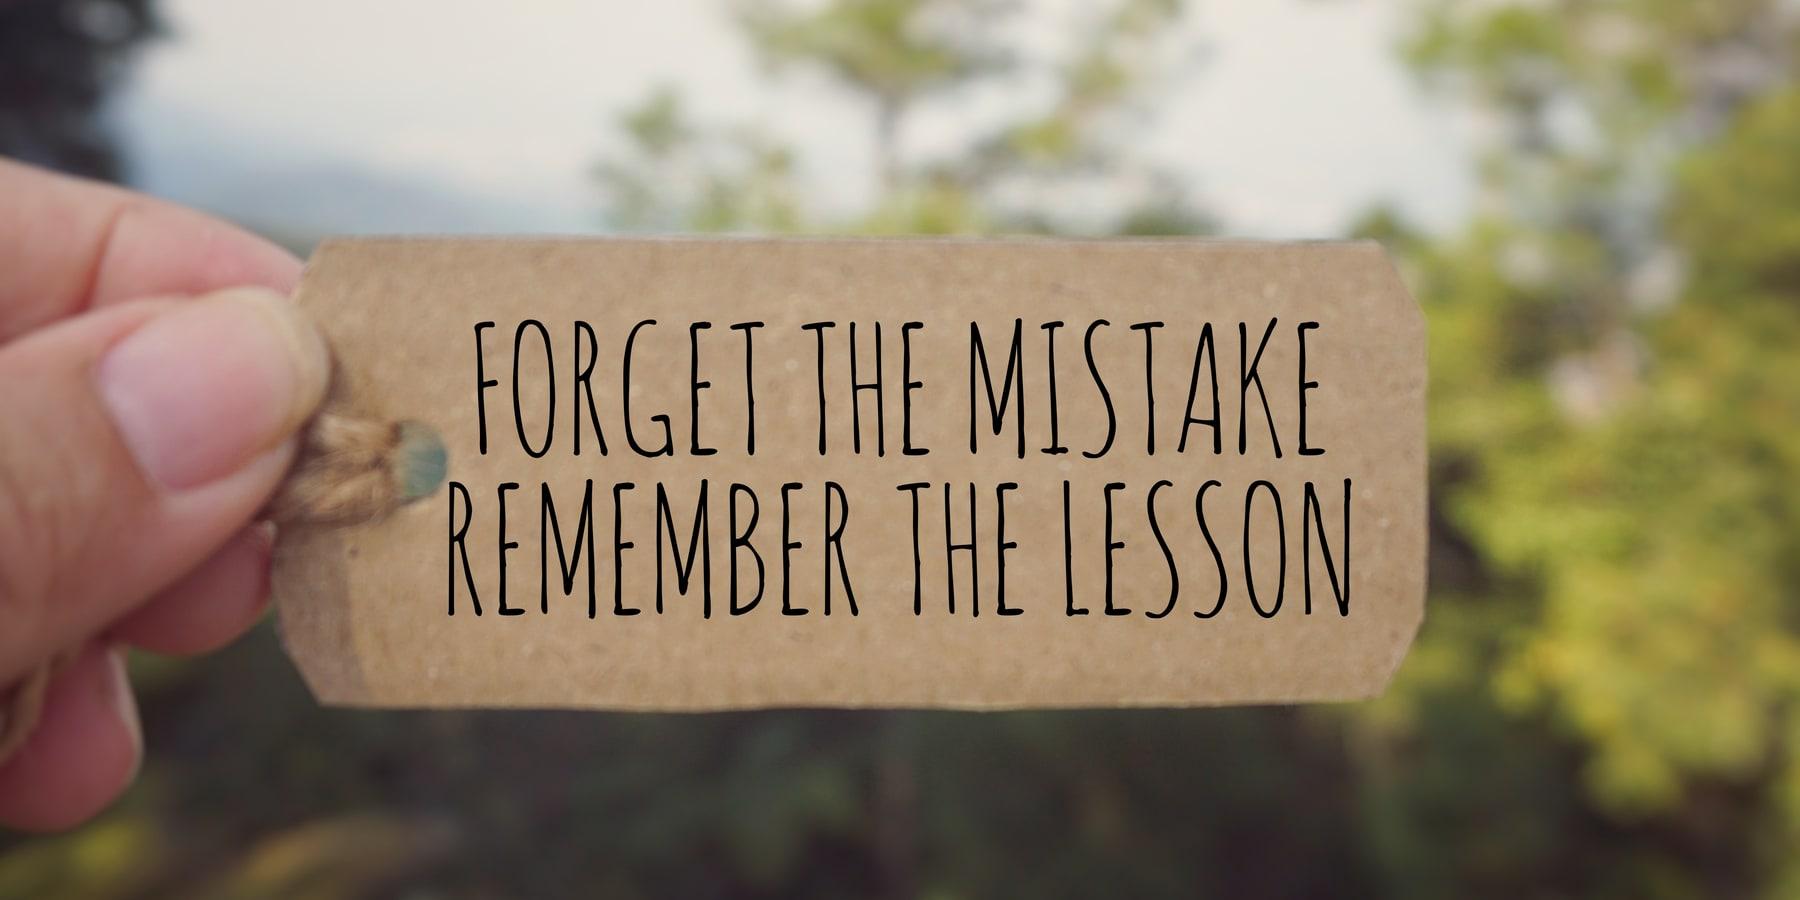 Wirecard Aktien Anlagestrategie - inspirierendes Zitat - Vergiss den Fehler, erinnere dich an die Lektion